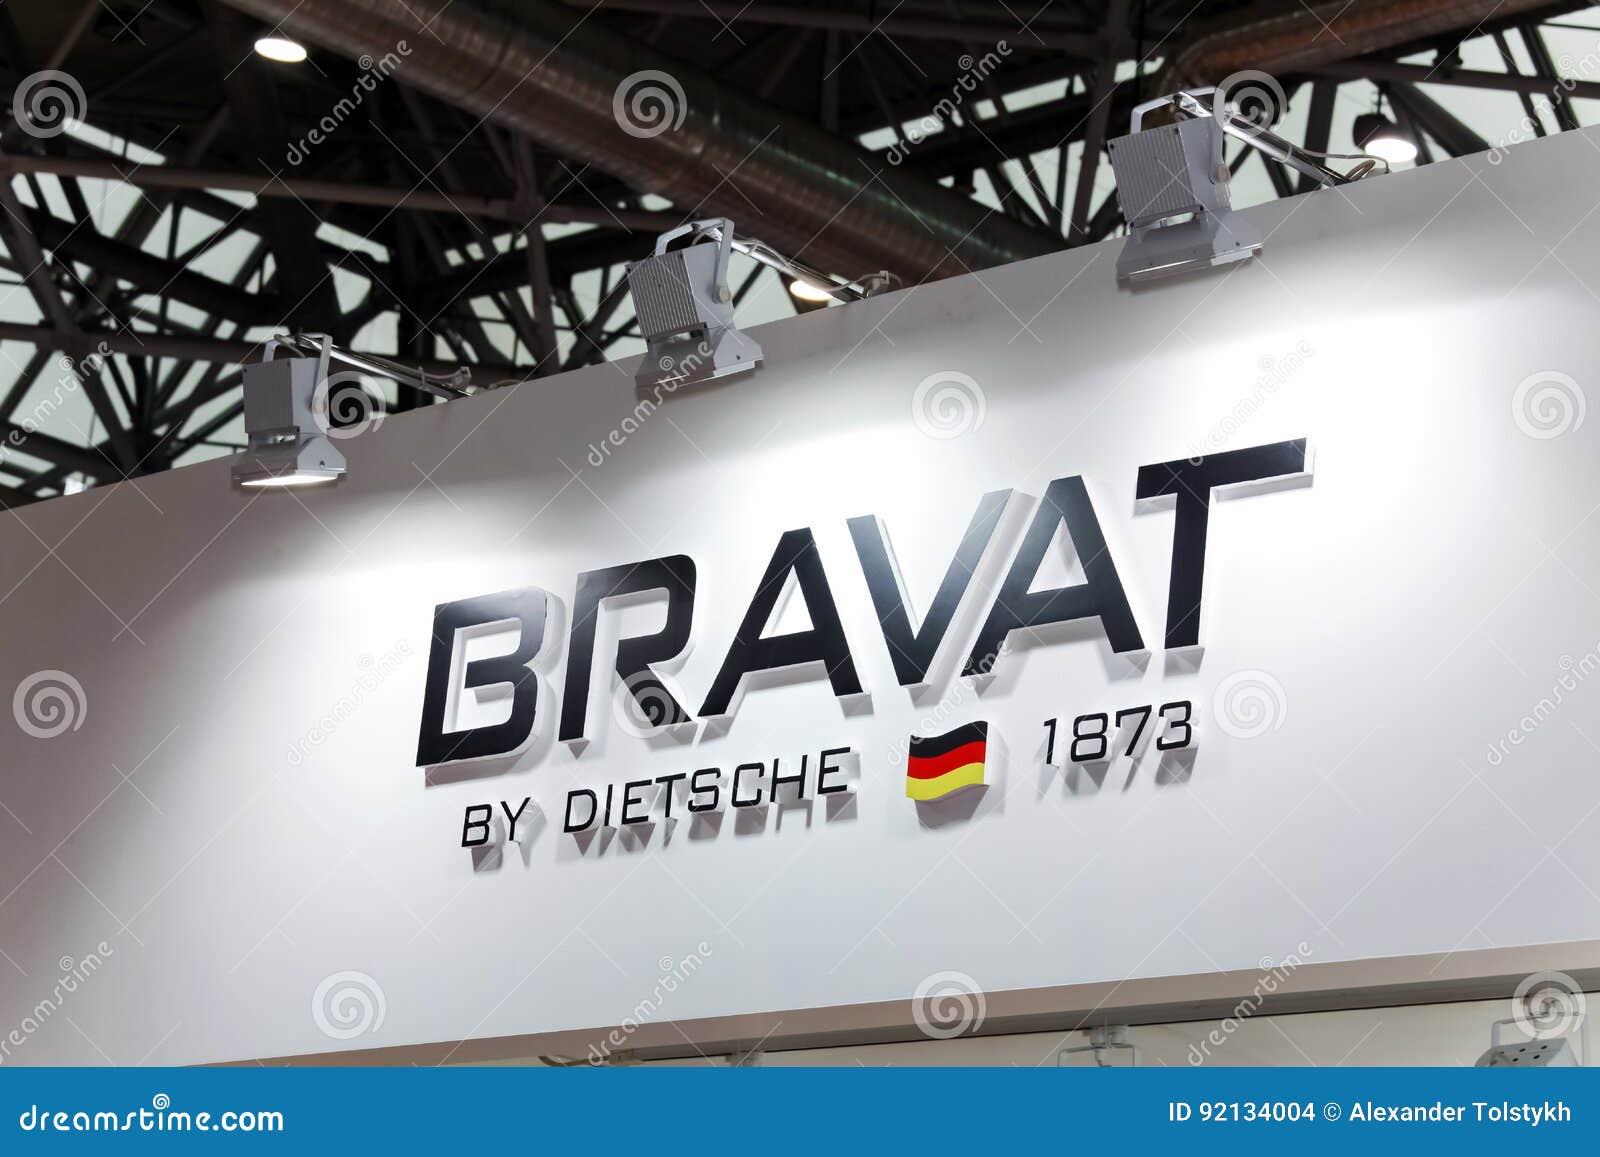 Logozeichen Von Bravat Firma Bravat Ist Ein Deutscher Hersteller Von